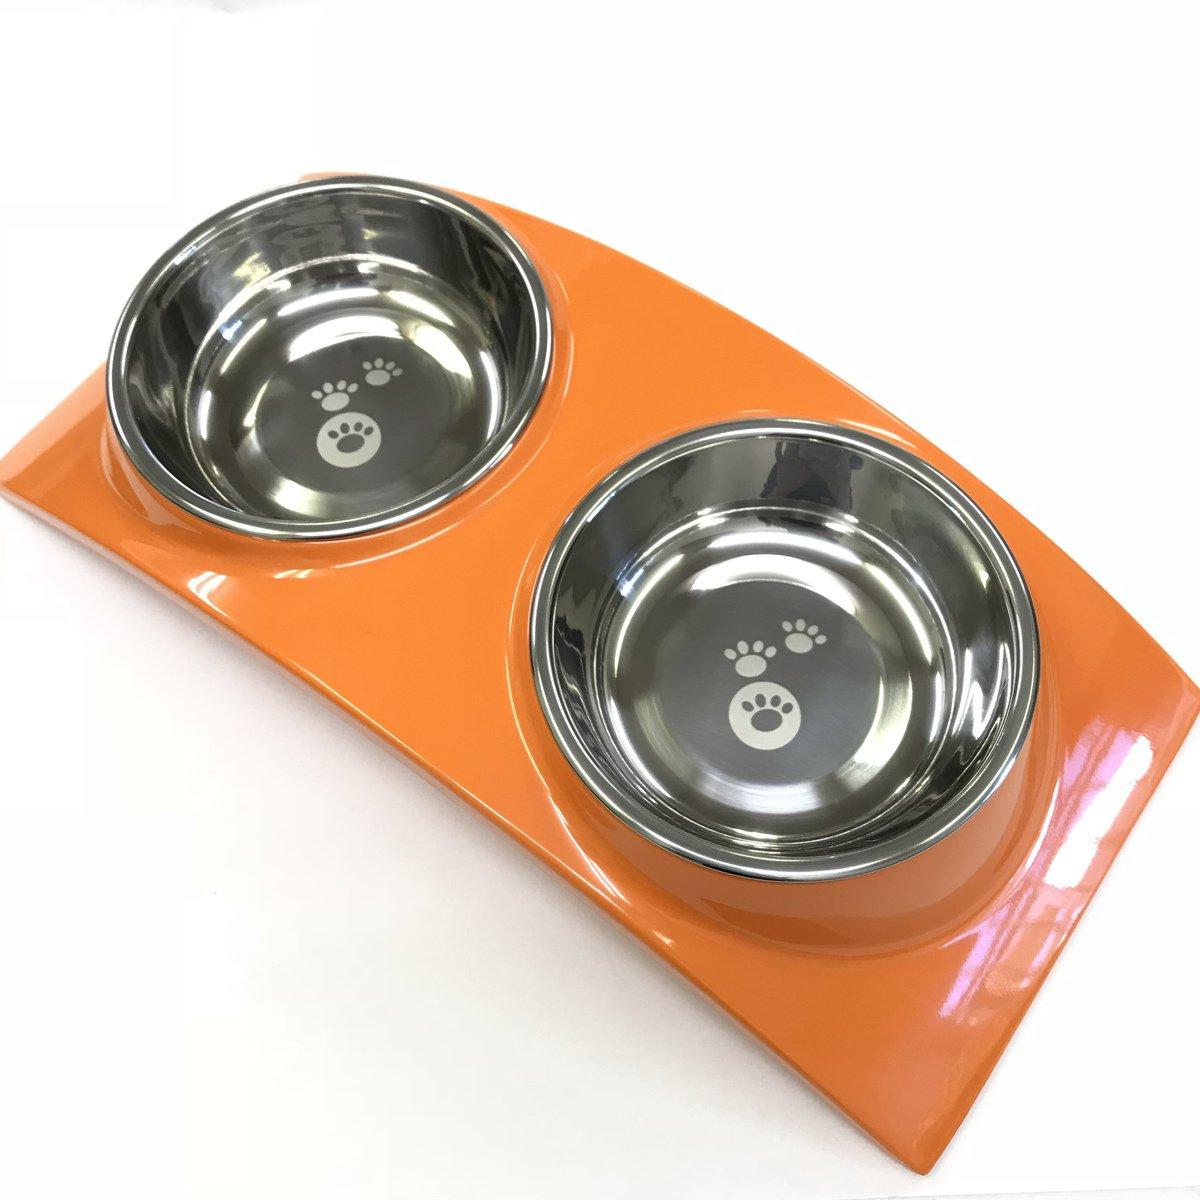 店内全品送料無料 1個あたり940円 トムキャット 食器 贈呈 レインボー 送料無料 S オレンジ×12入 流行 ディナーセット